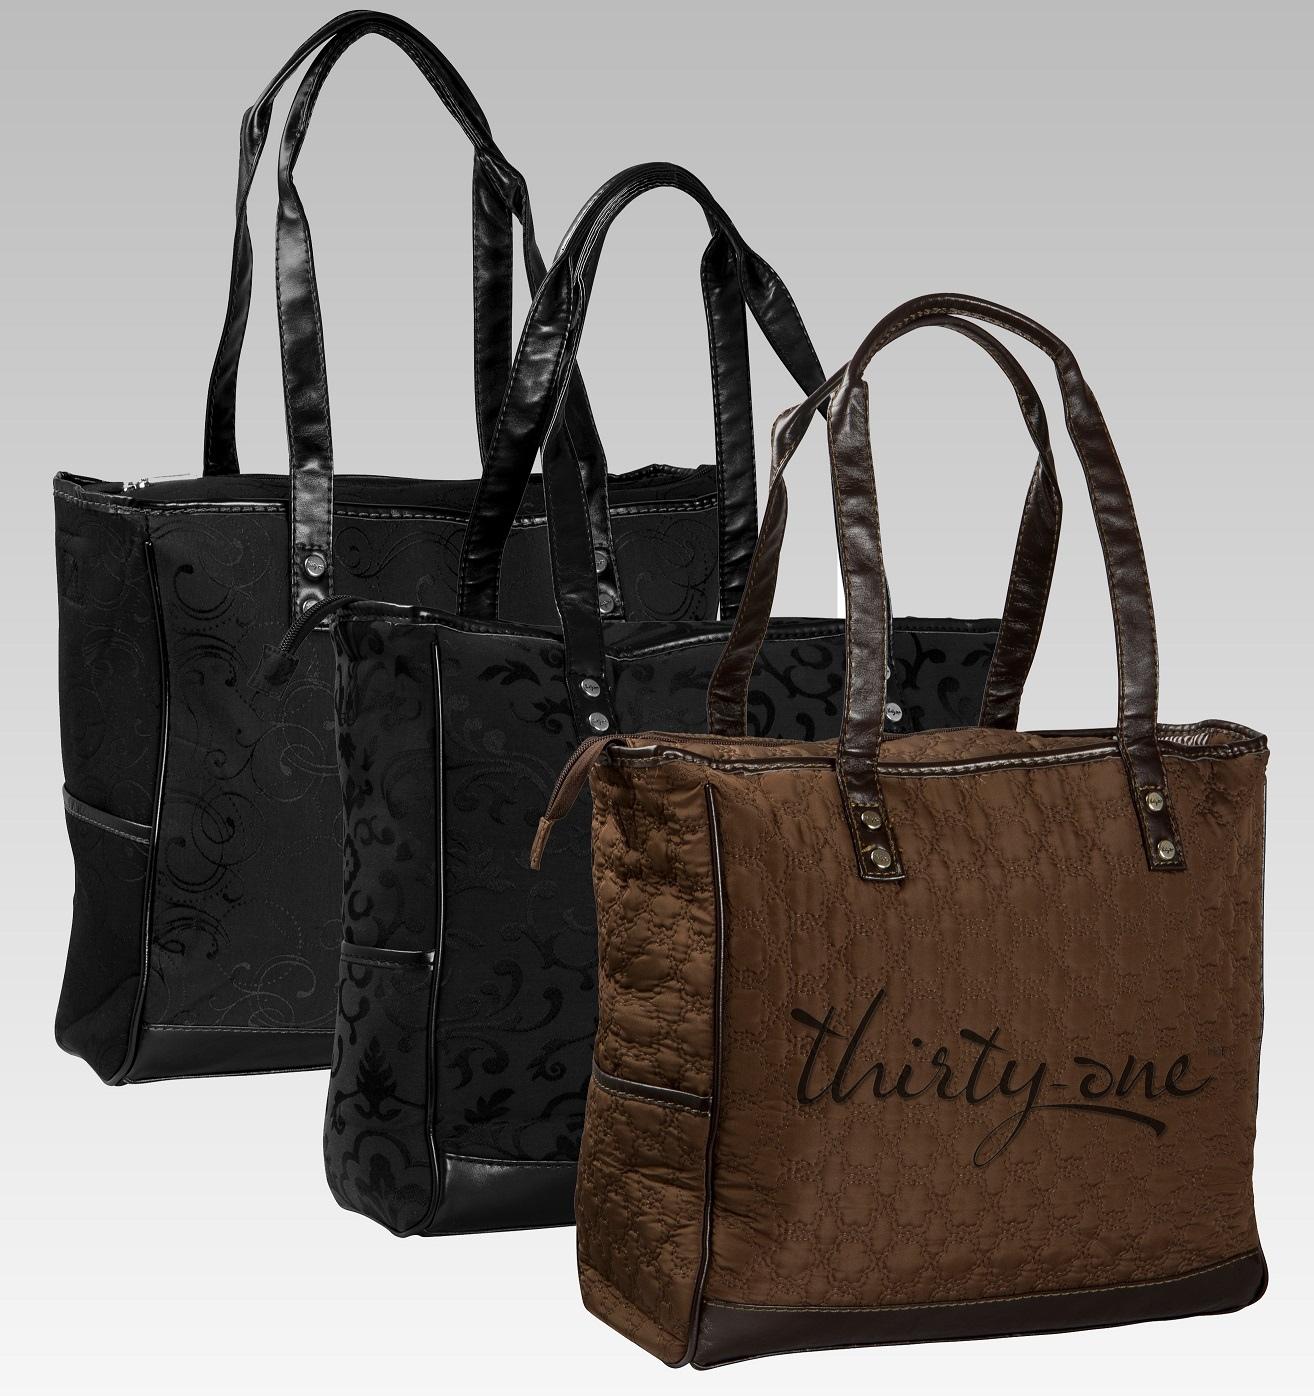 Thirty one gifts damen luxus designer shopping handtasche for Designer geschenke shop